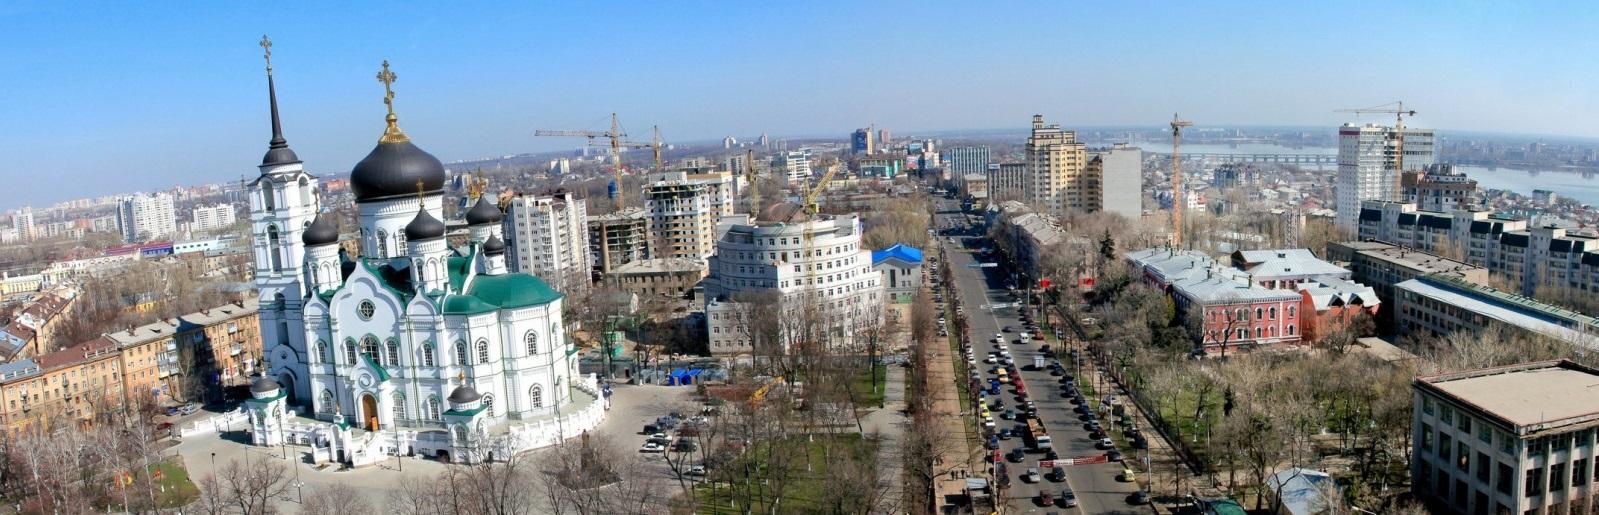 Грузоперевозки из Москвы в Воронеж